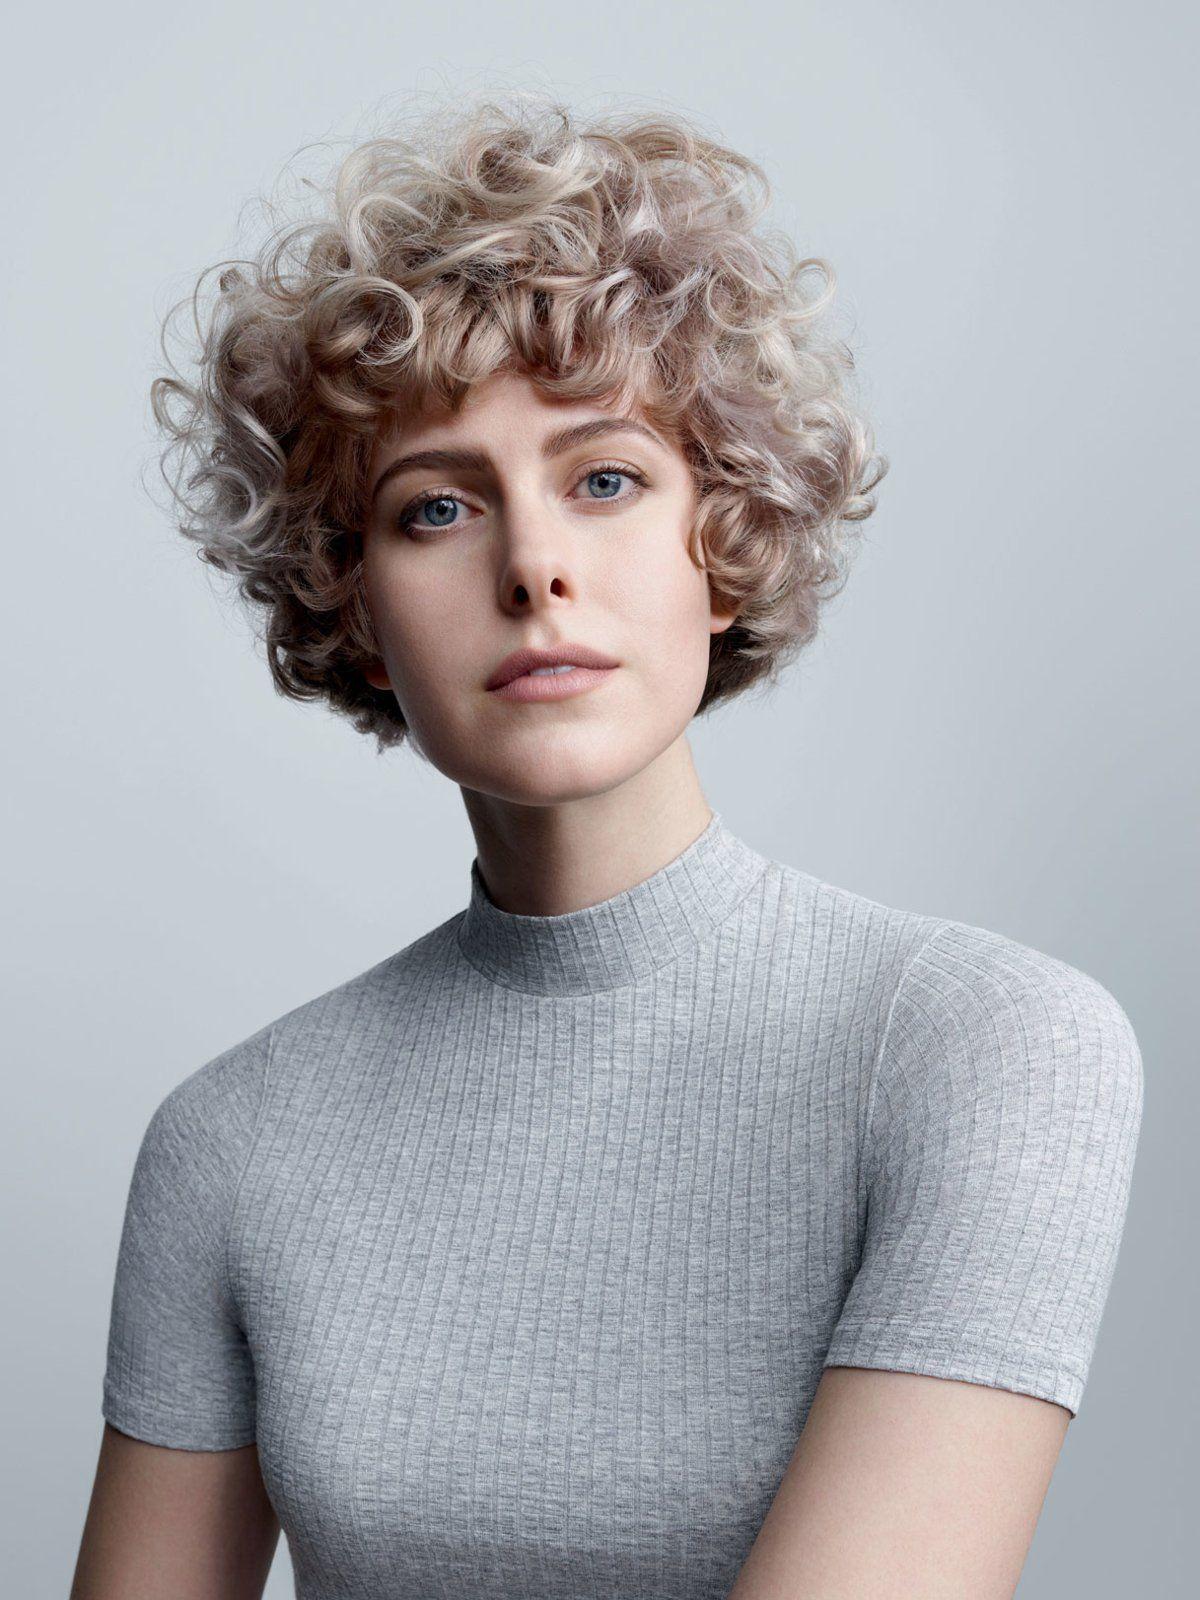 Frisuren Fur Haare Mit Naturkrause